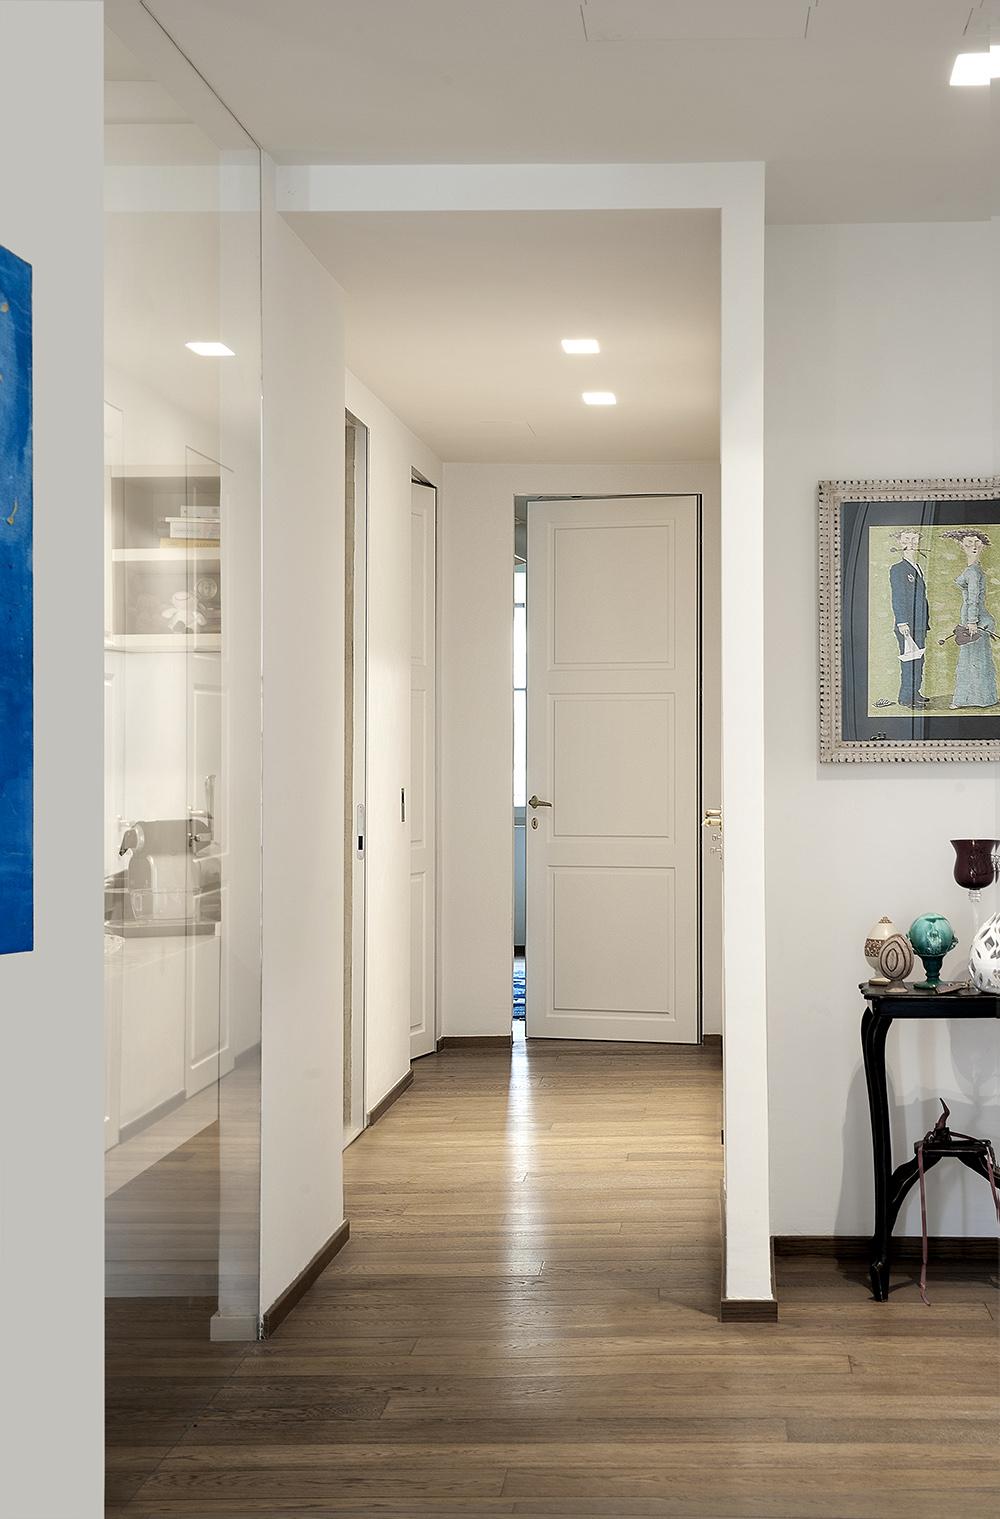 Appartamento a firenze porte scorrevoli e battenti per for Maniglie porte interne ikea